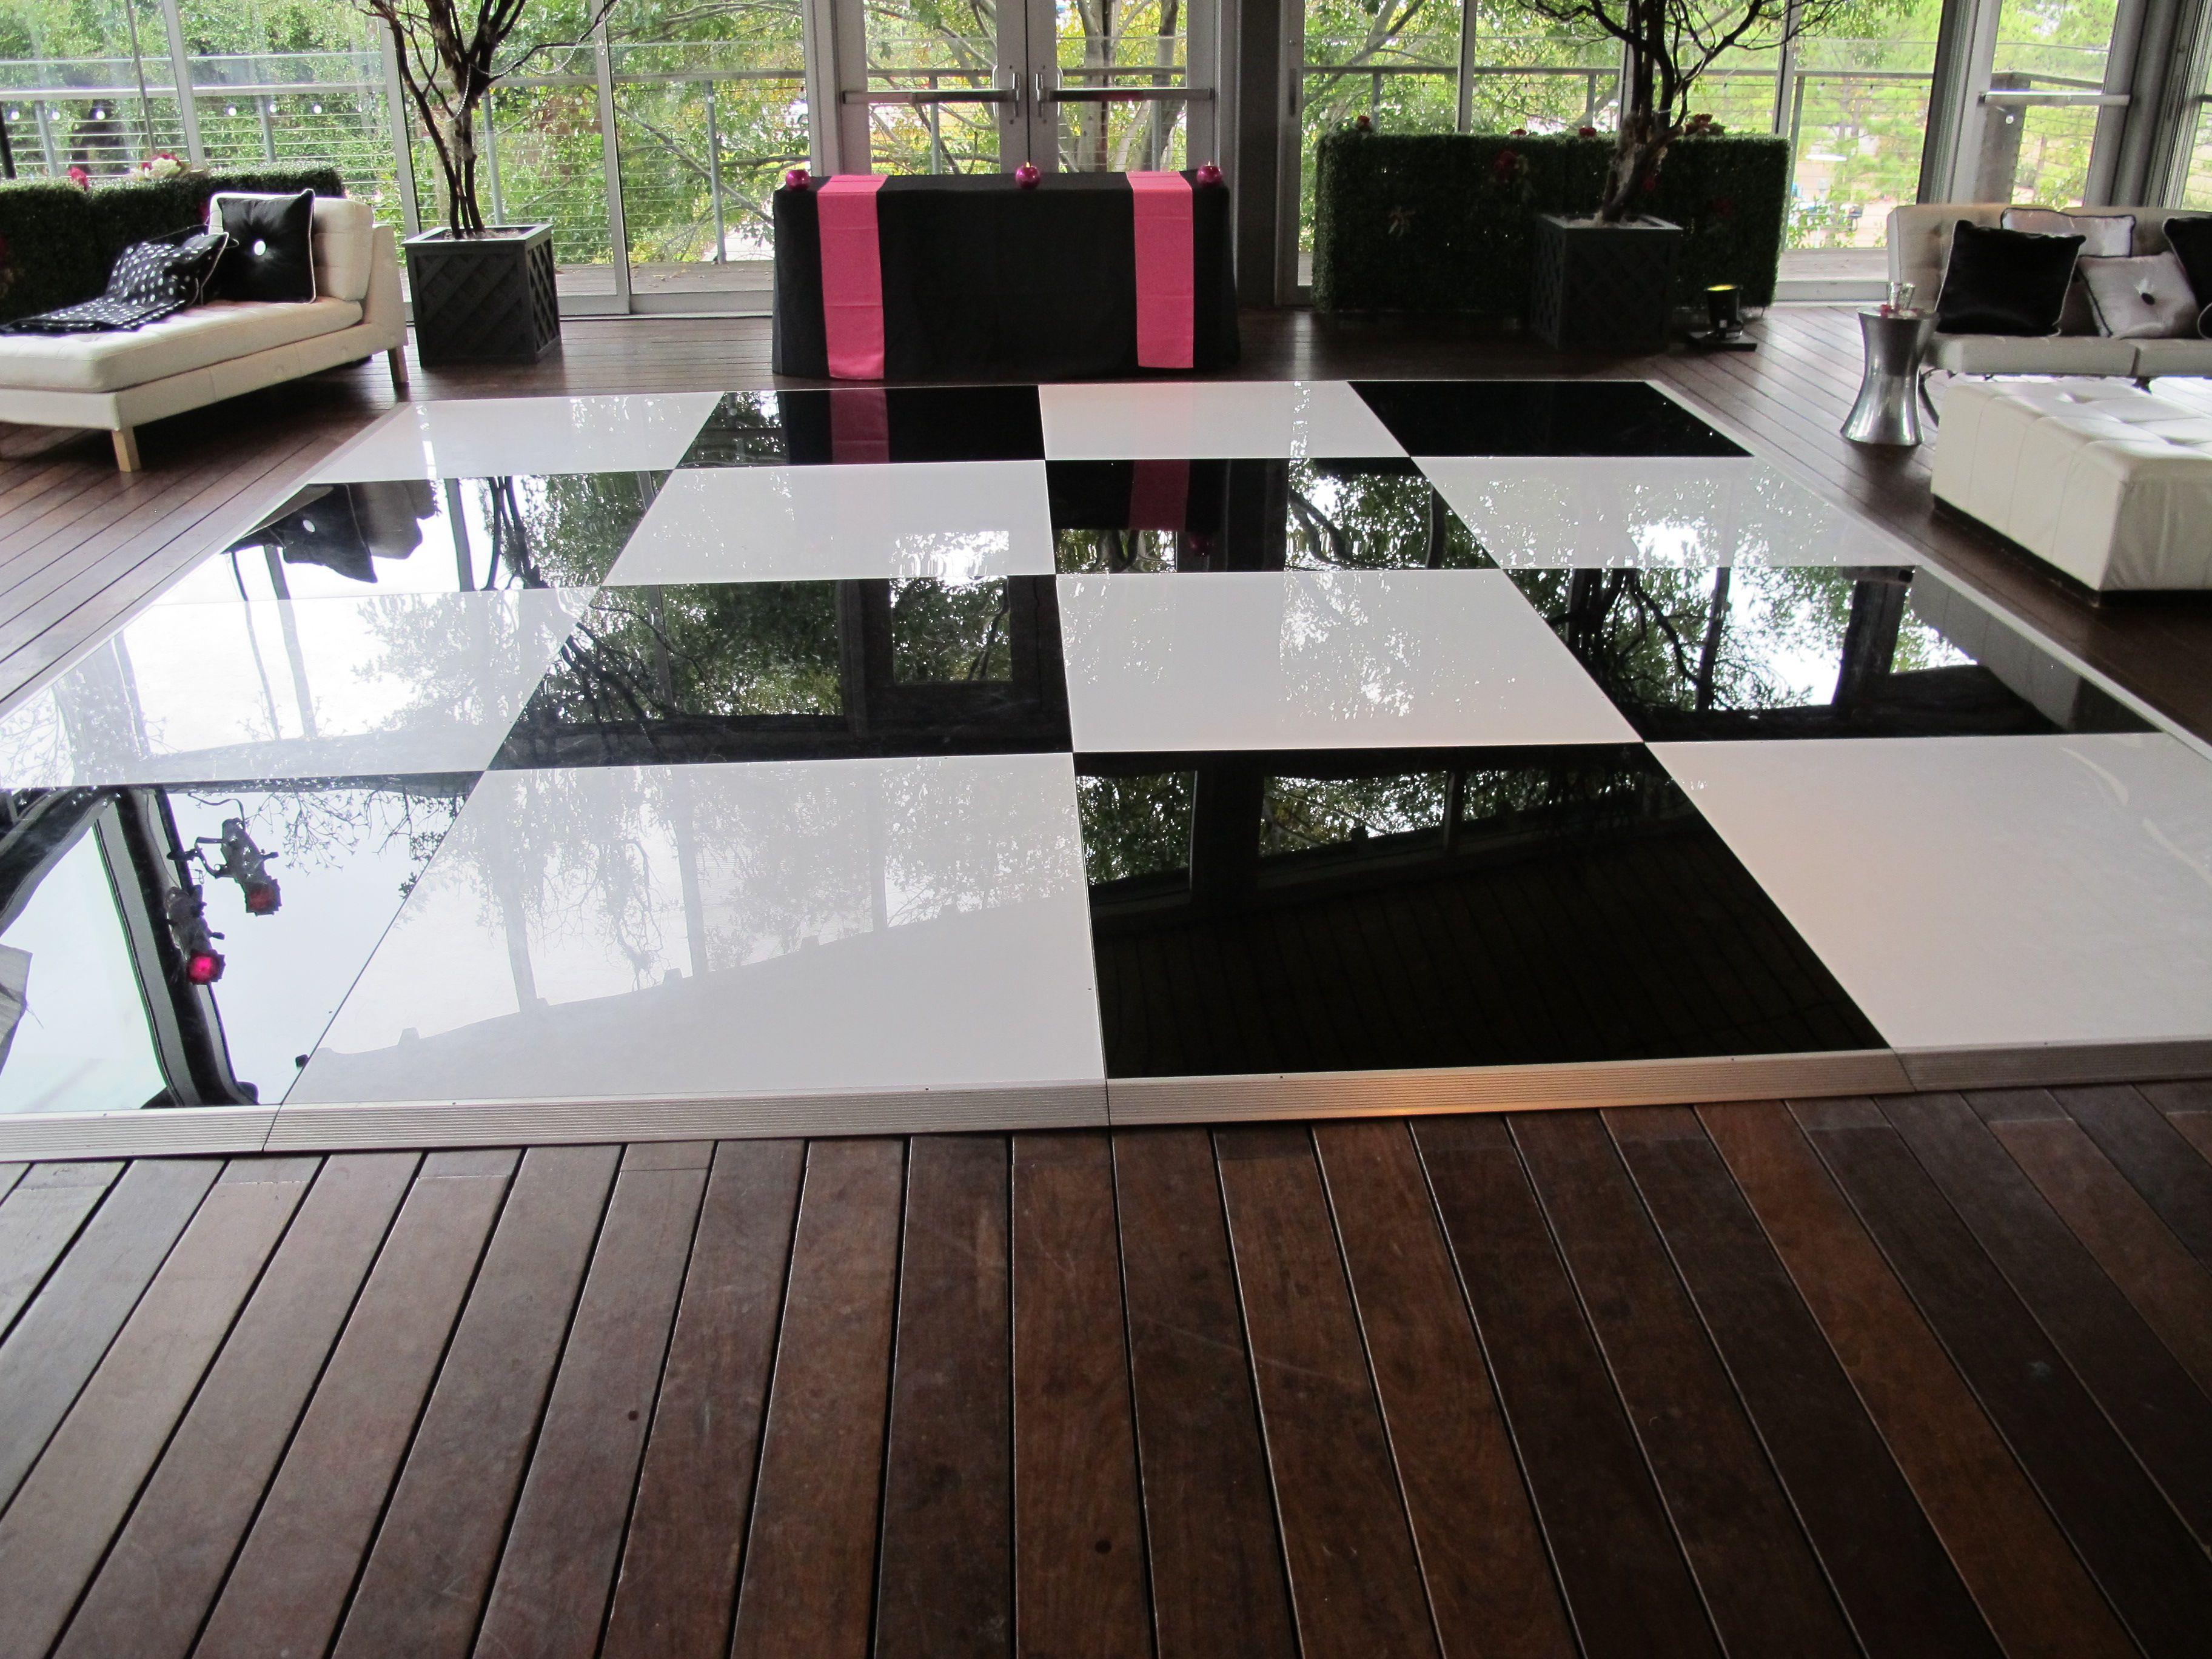 Black And White Dance Floor Dance Floor Flooring Led Dance